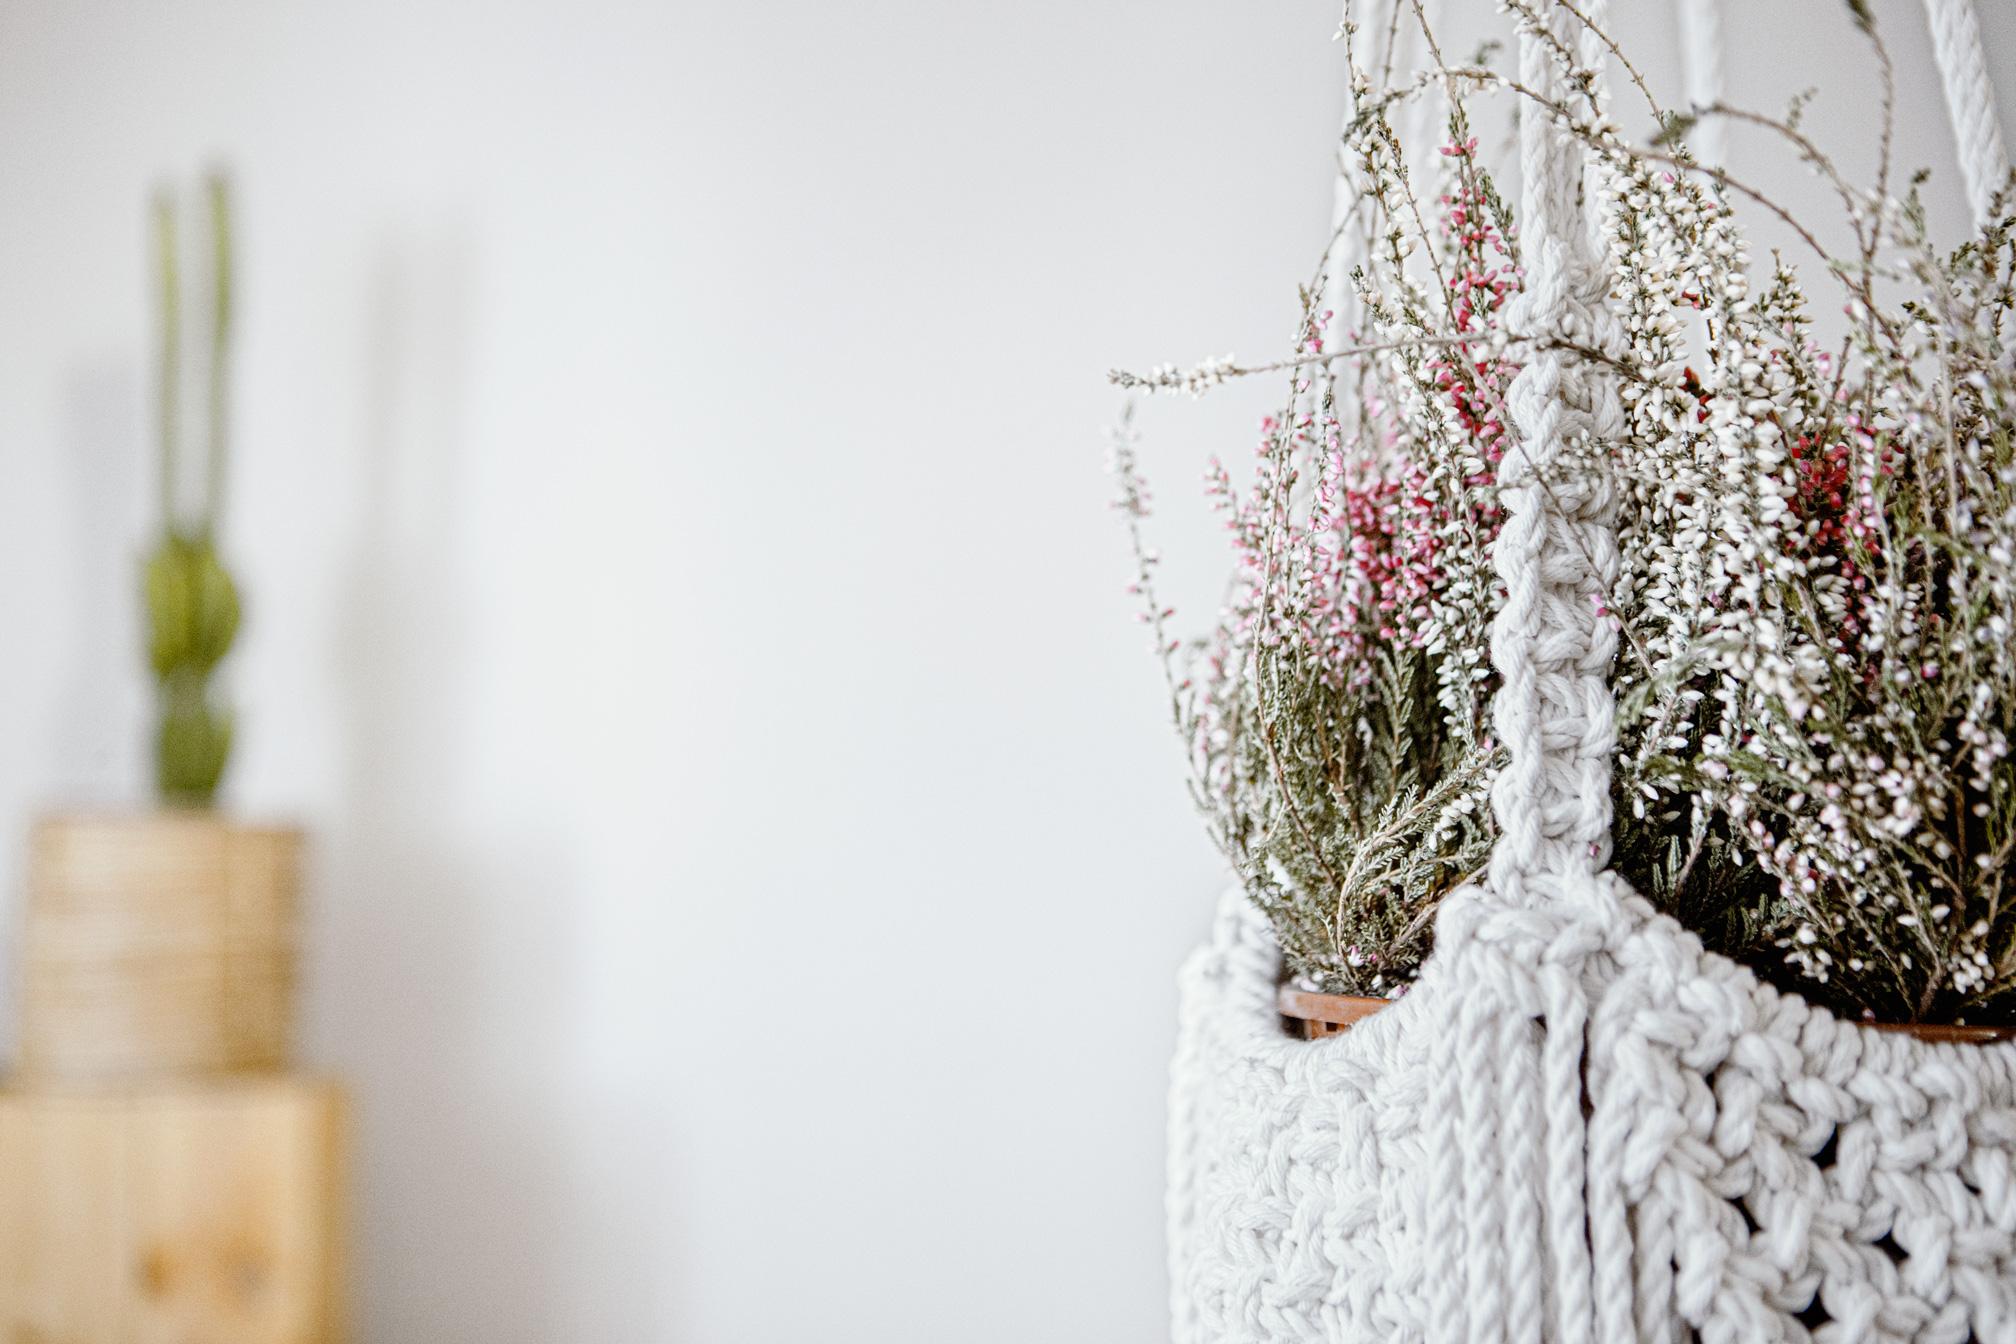 Detalle lado de macetero artesanal de macramé fabricado en algodón ecológico en color crudo